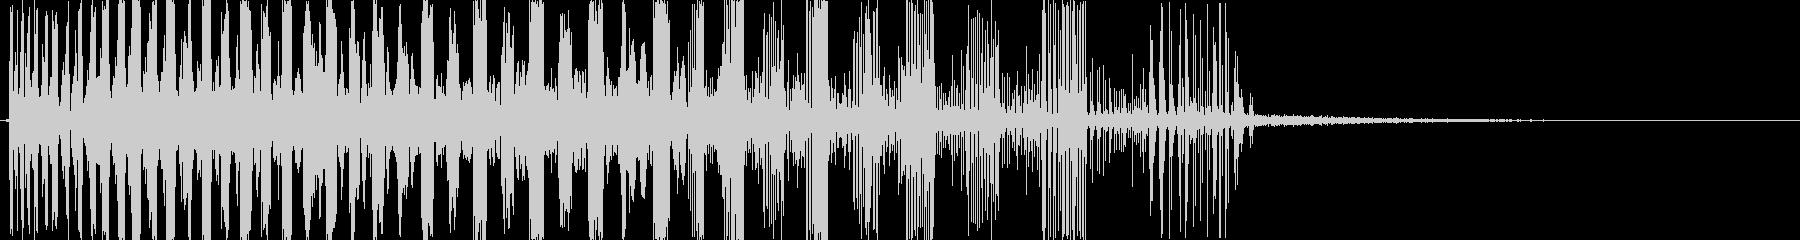 レーザースウィープバージョン1の未再生の波形